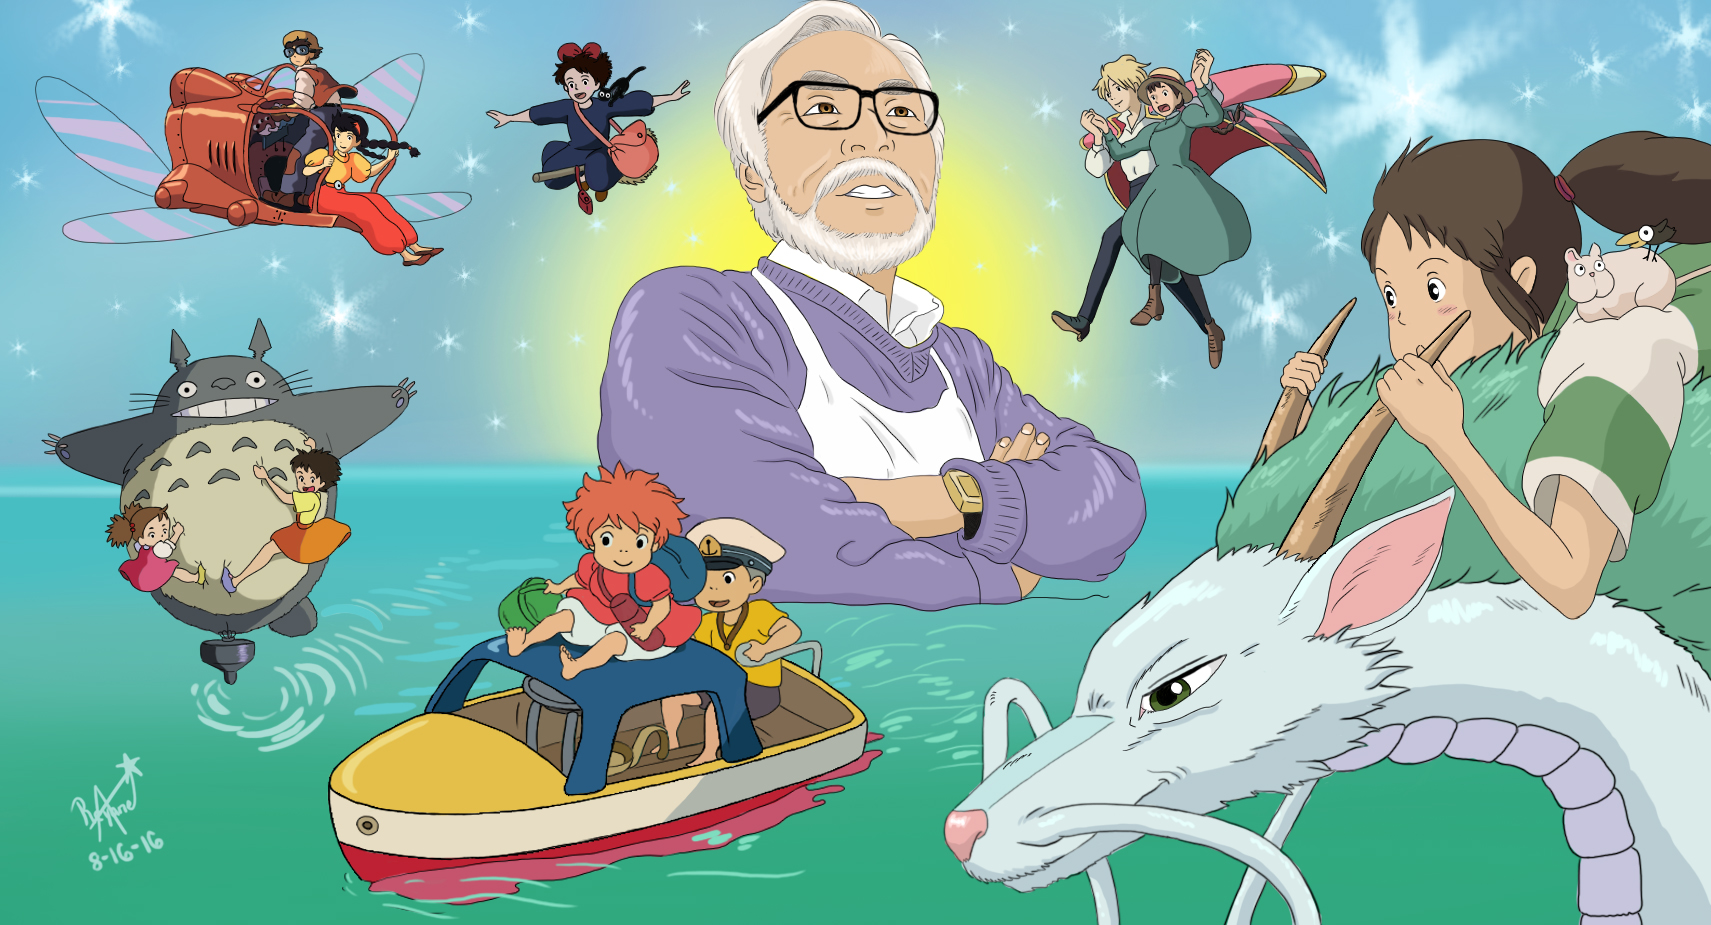 Miyazaki, My Idol